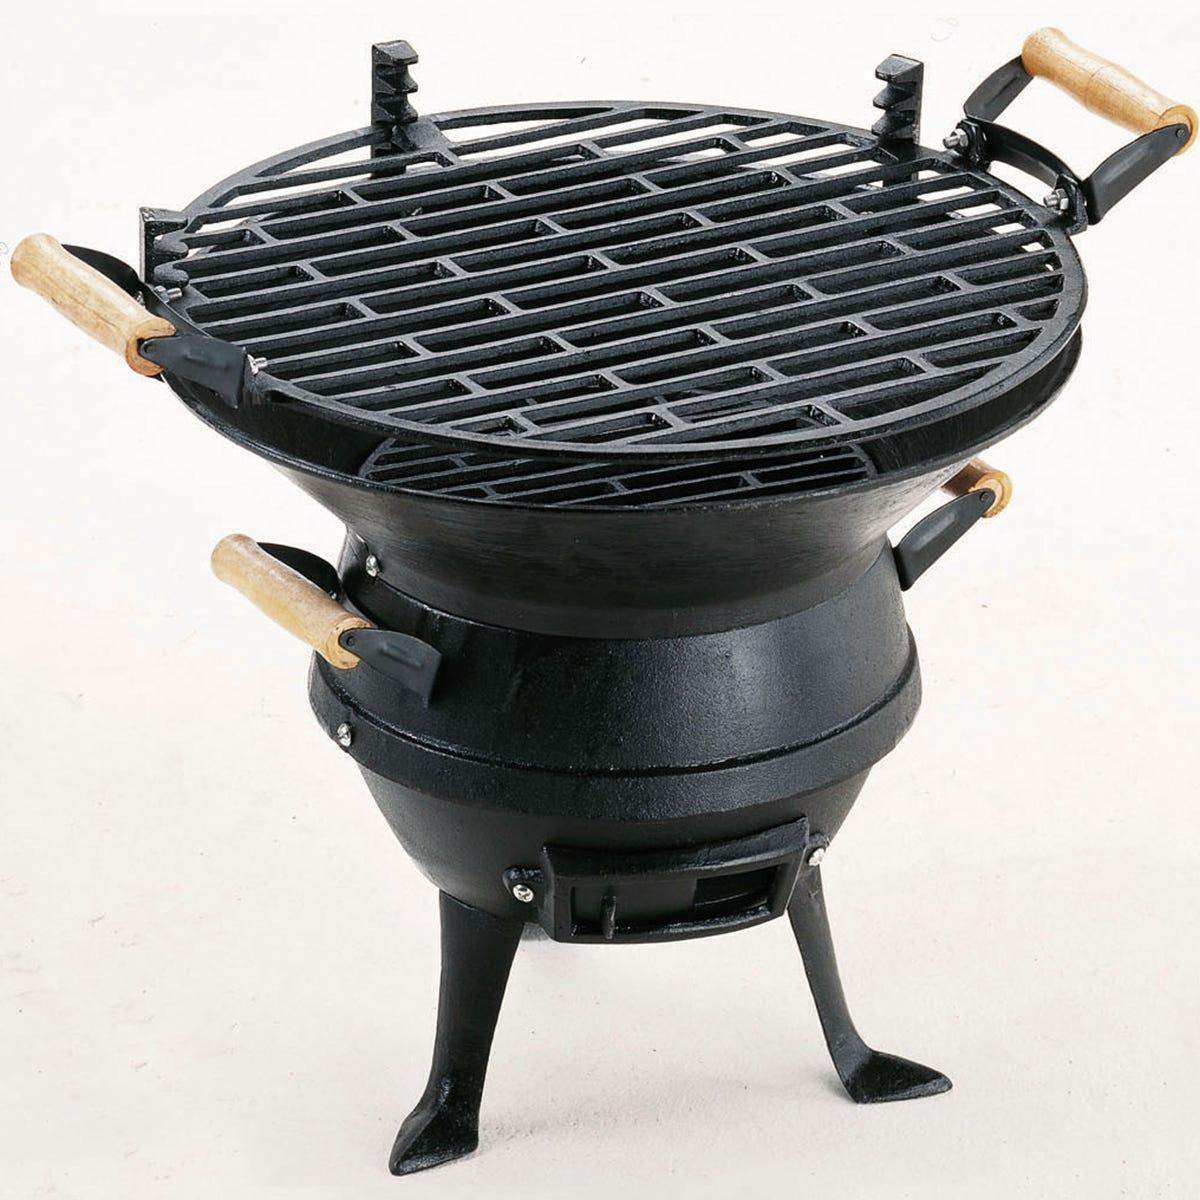 Landmann Grill Chef Cast Iron Barrel Charcoal BBQ